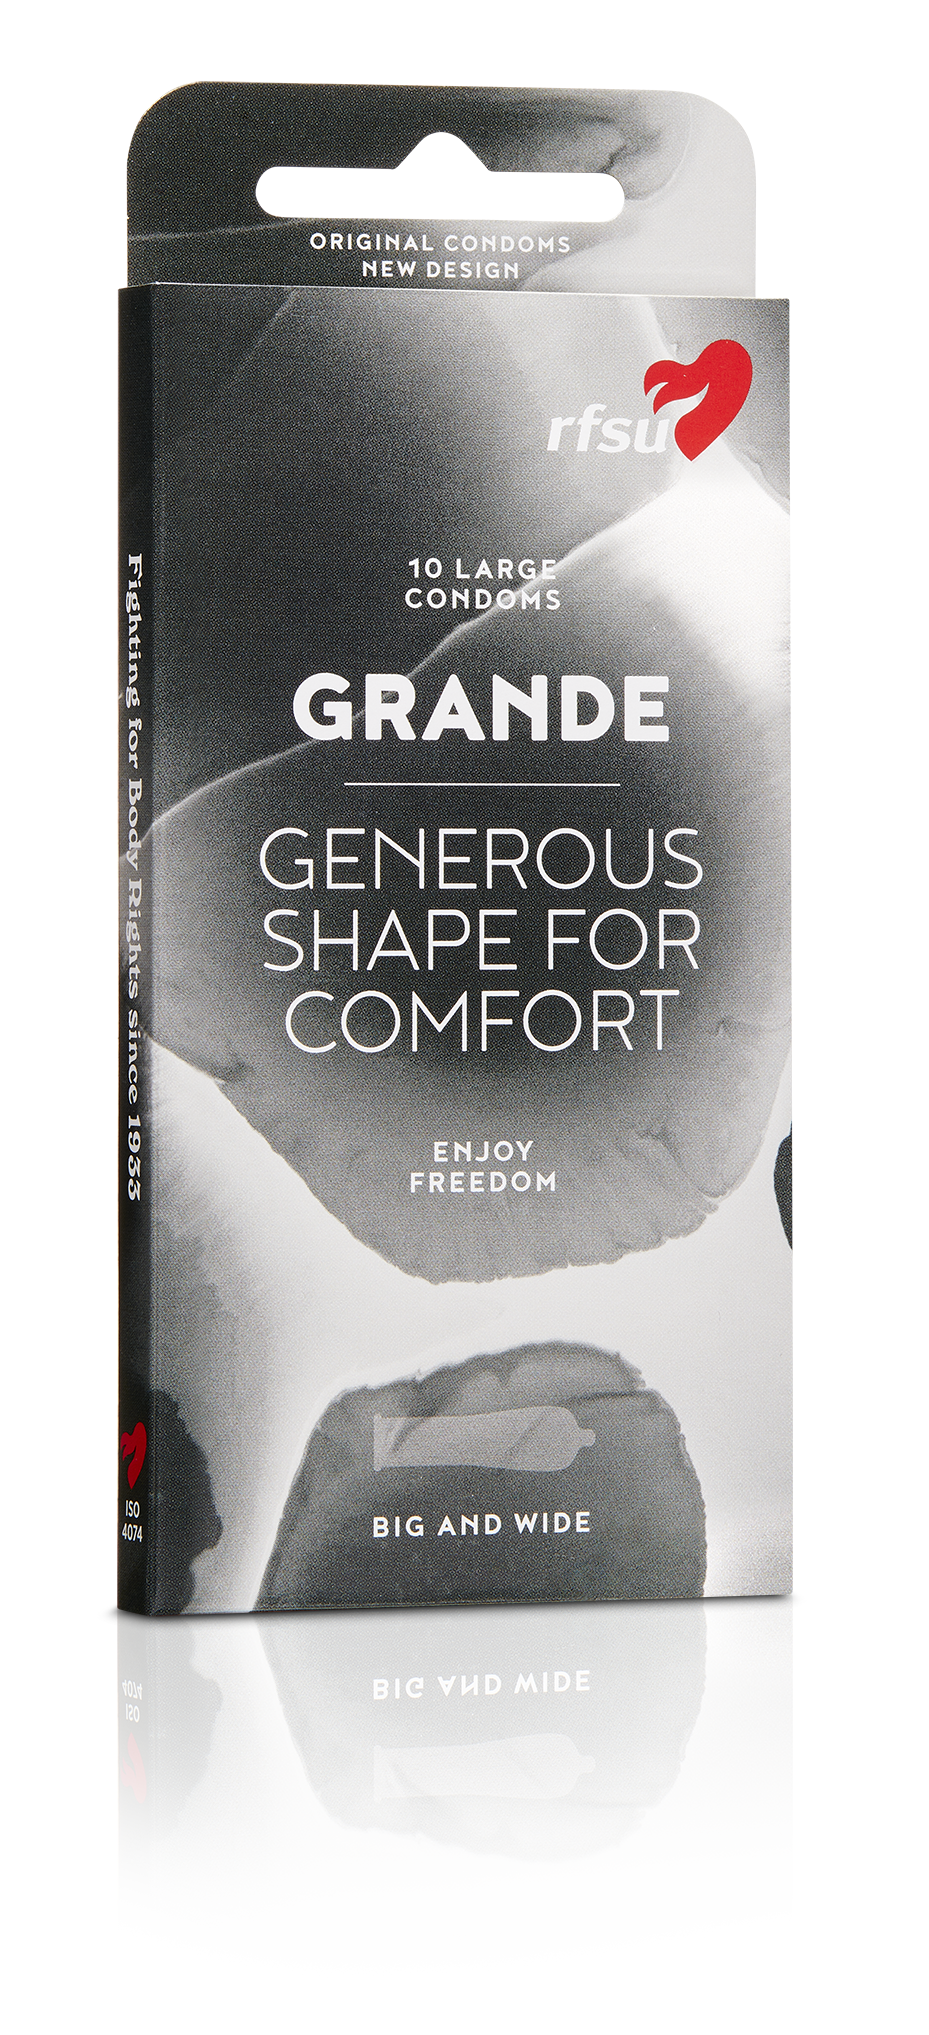 GRANDE | Large Condoms